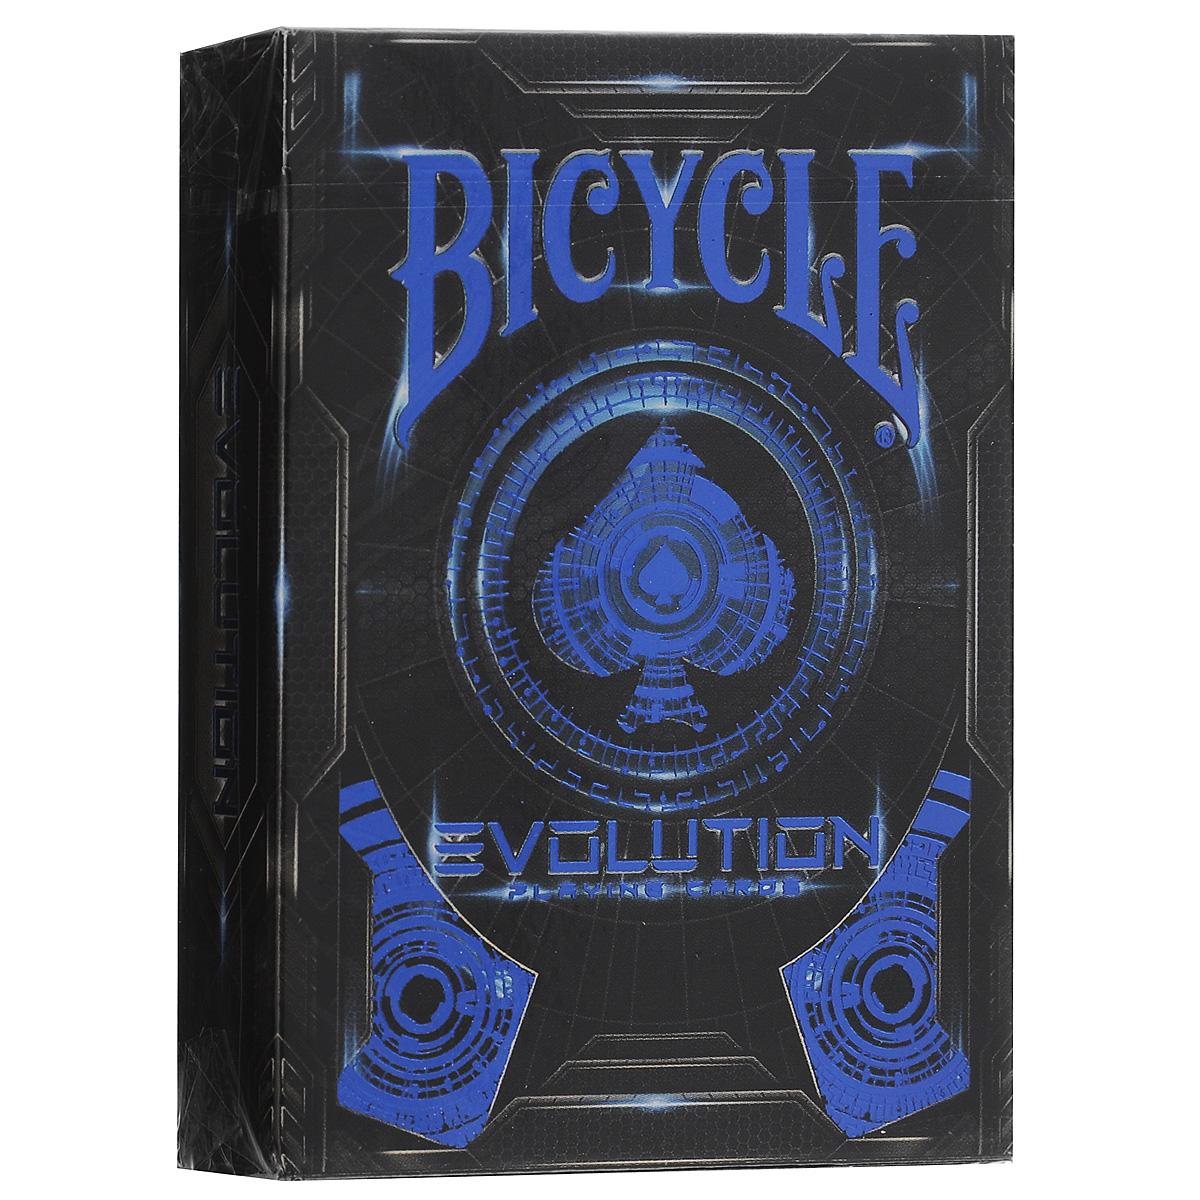 Игральные карты Bicycle Evolutio, цвет: черный, синийК-3402050 год. Планета Земля. United States Playing Card Company по прежнему лидер по производству карт во всей нашей галактике. Именно так, по мнению разработчиков, должна выглядеть колода в будущем.